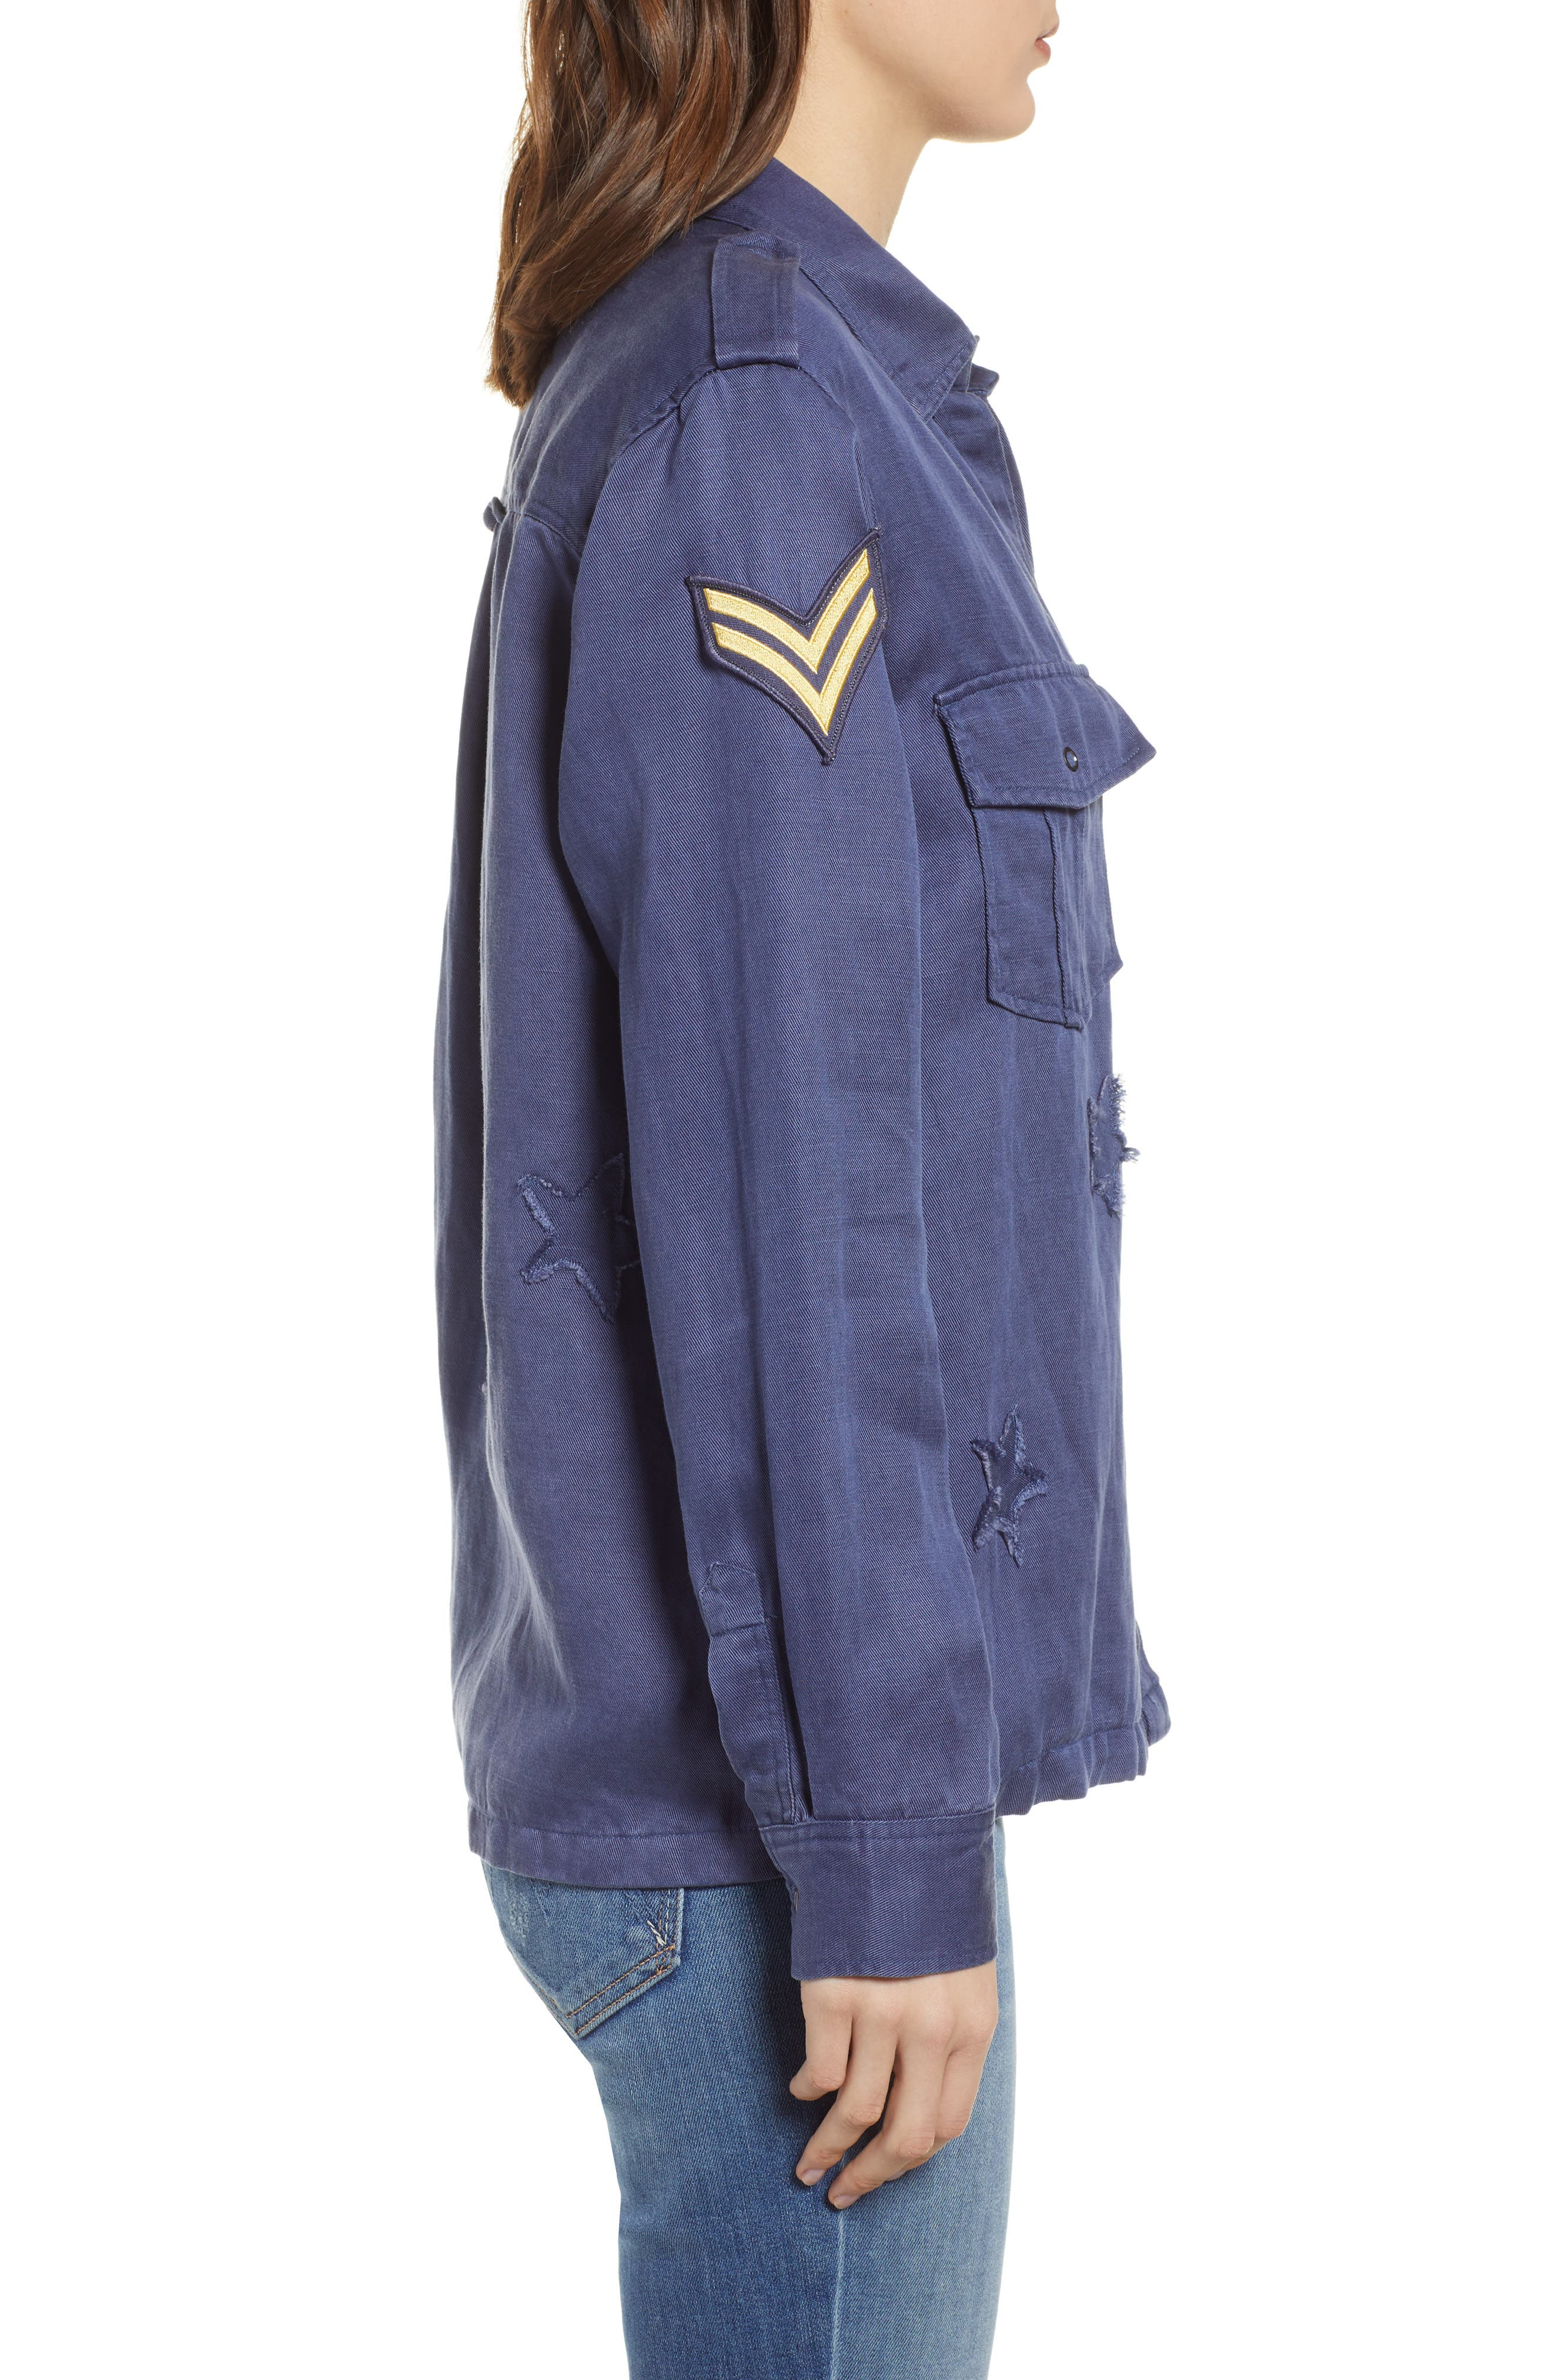 Kato Military Shirt,                             Alternate thumbnail 3, color,                             TOKYO BLUE